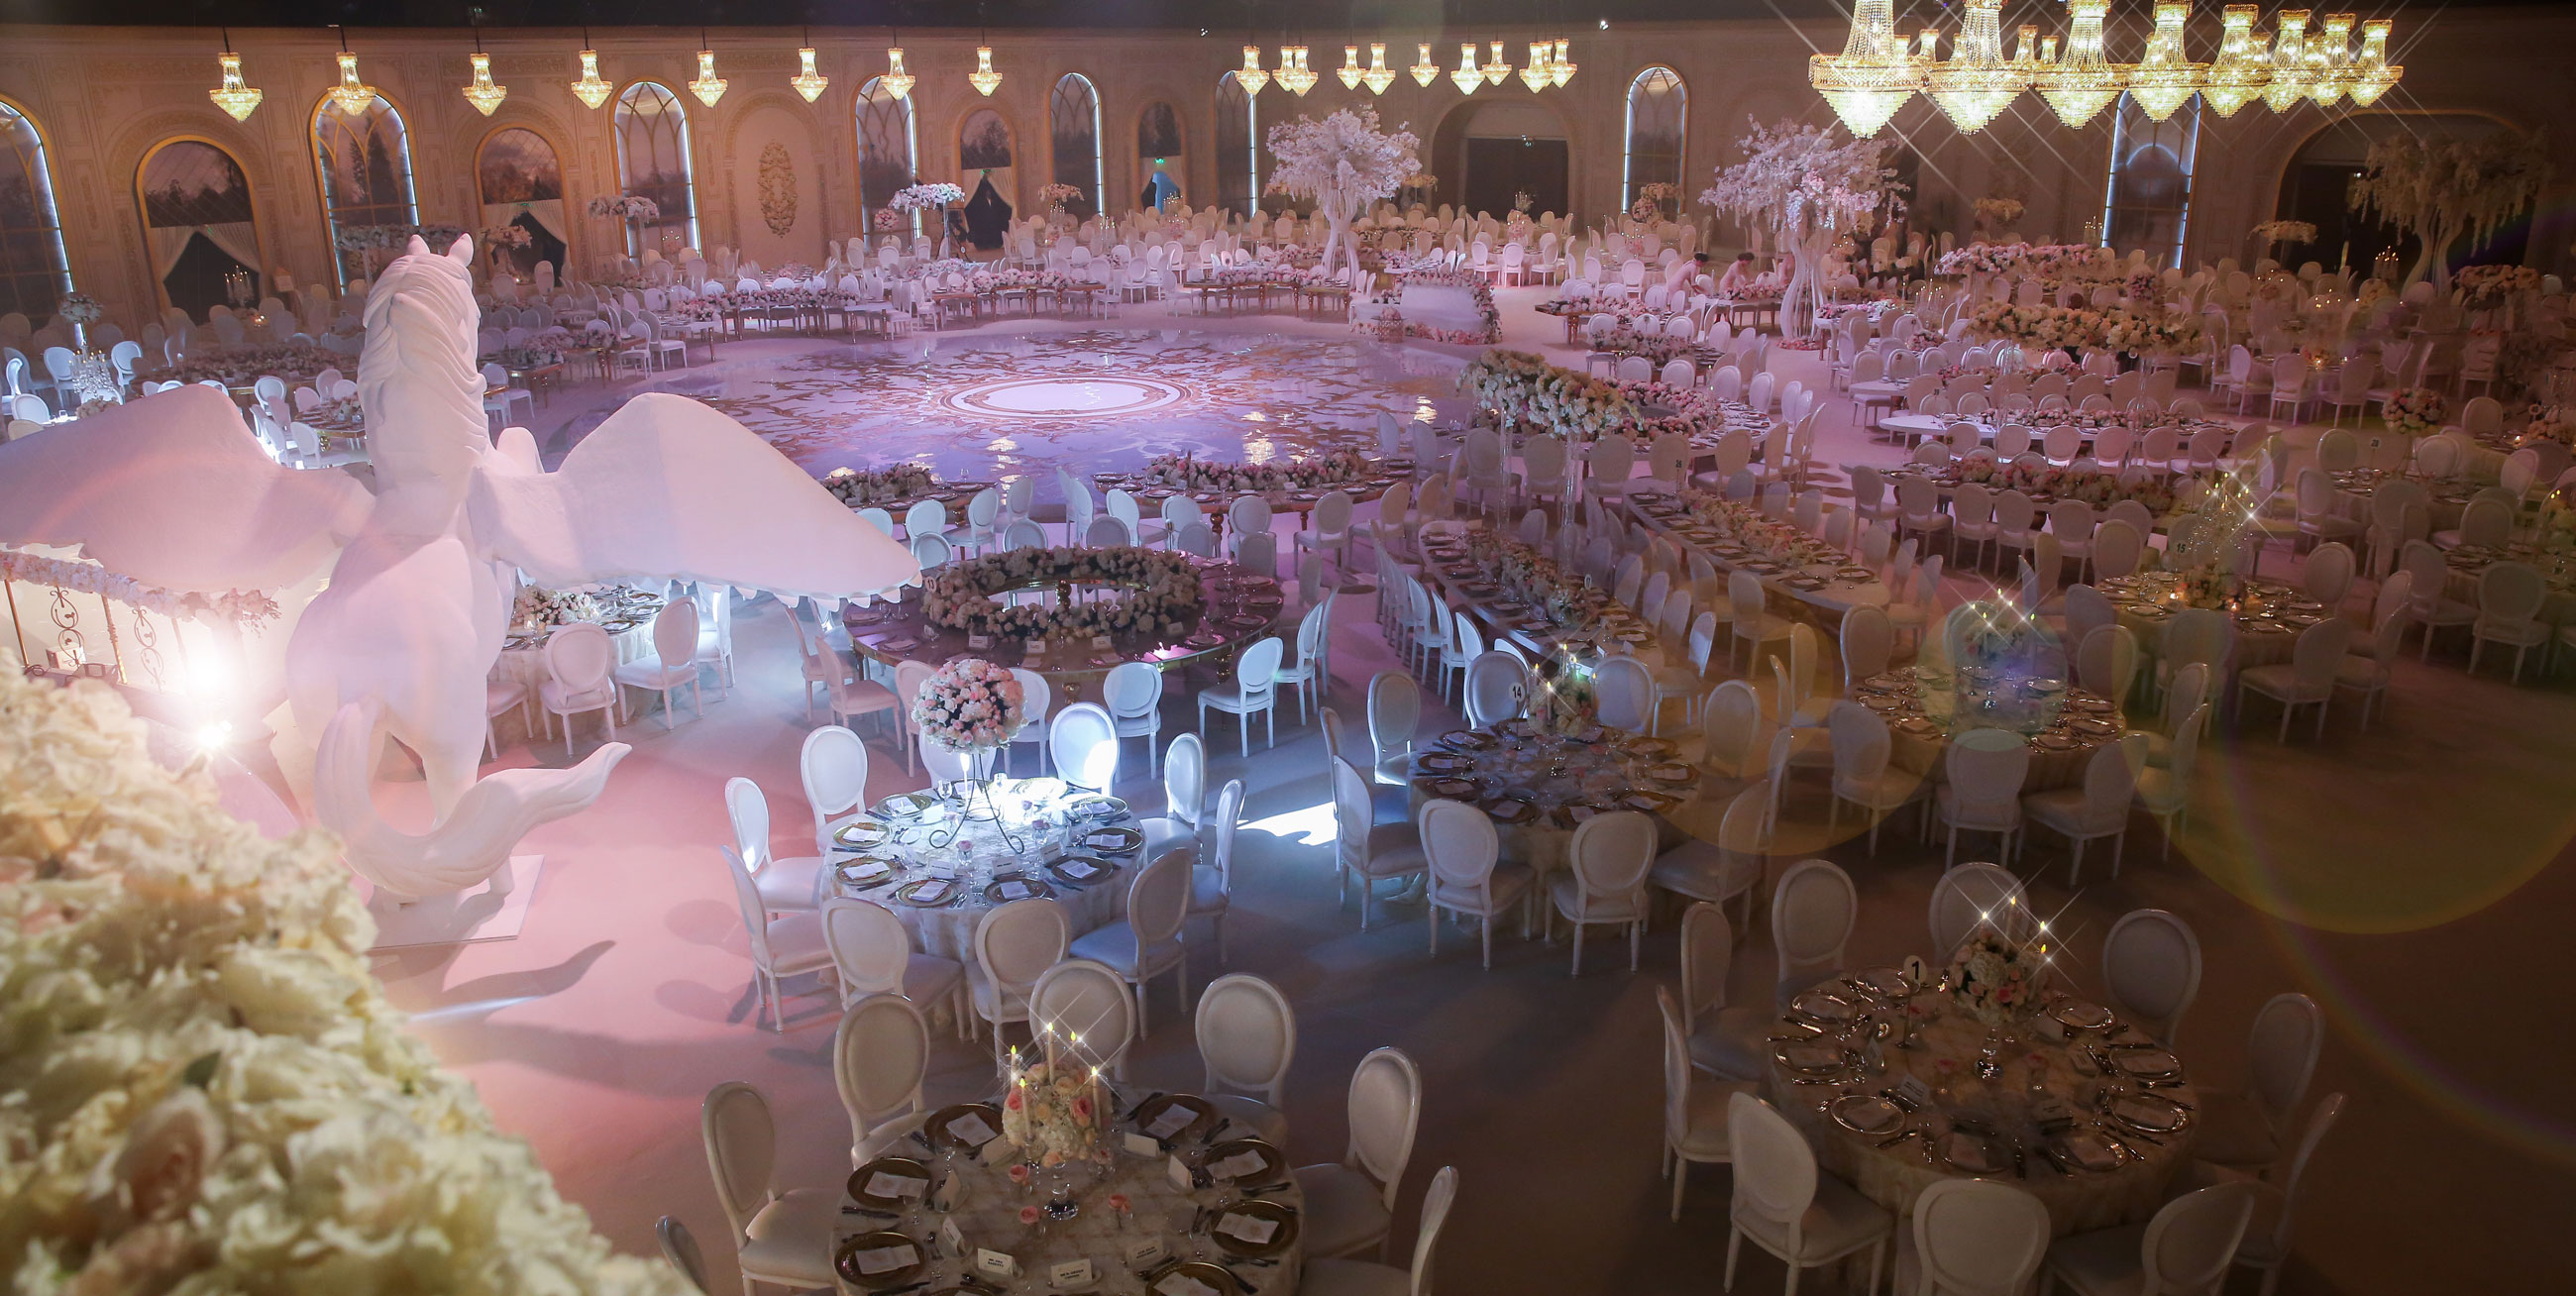 Olivierdolz Top Wedding Planner Amp Event Organizer In